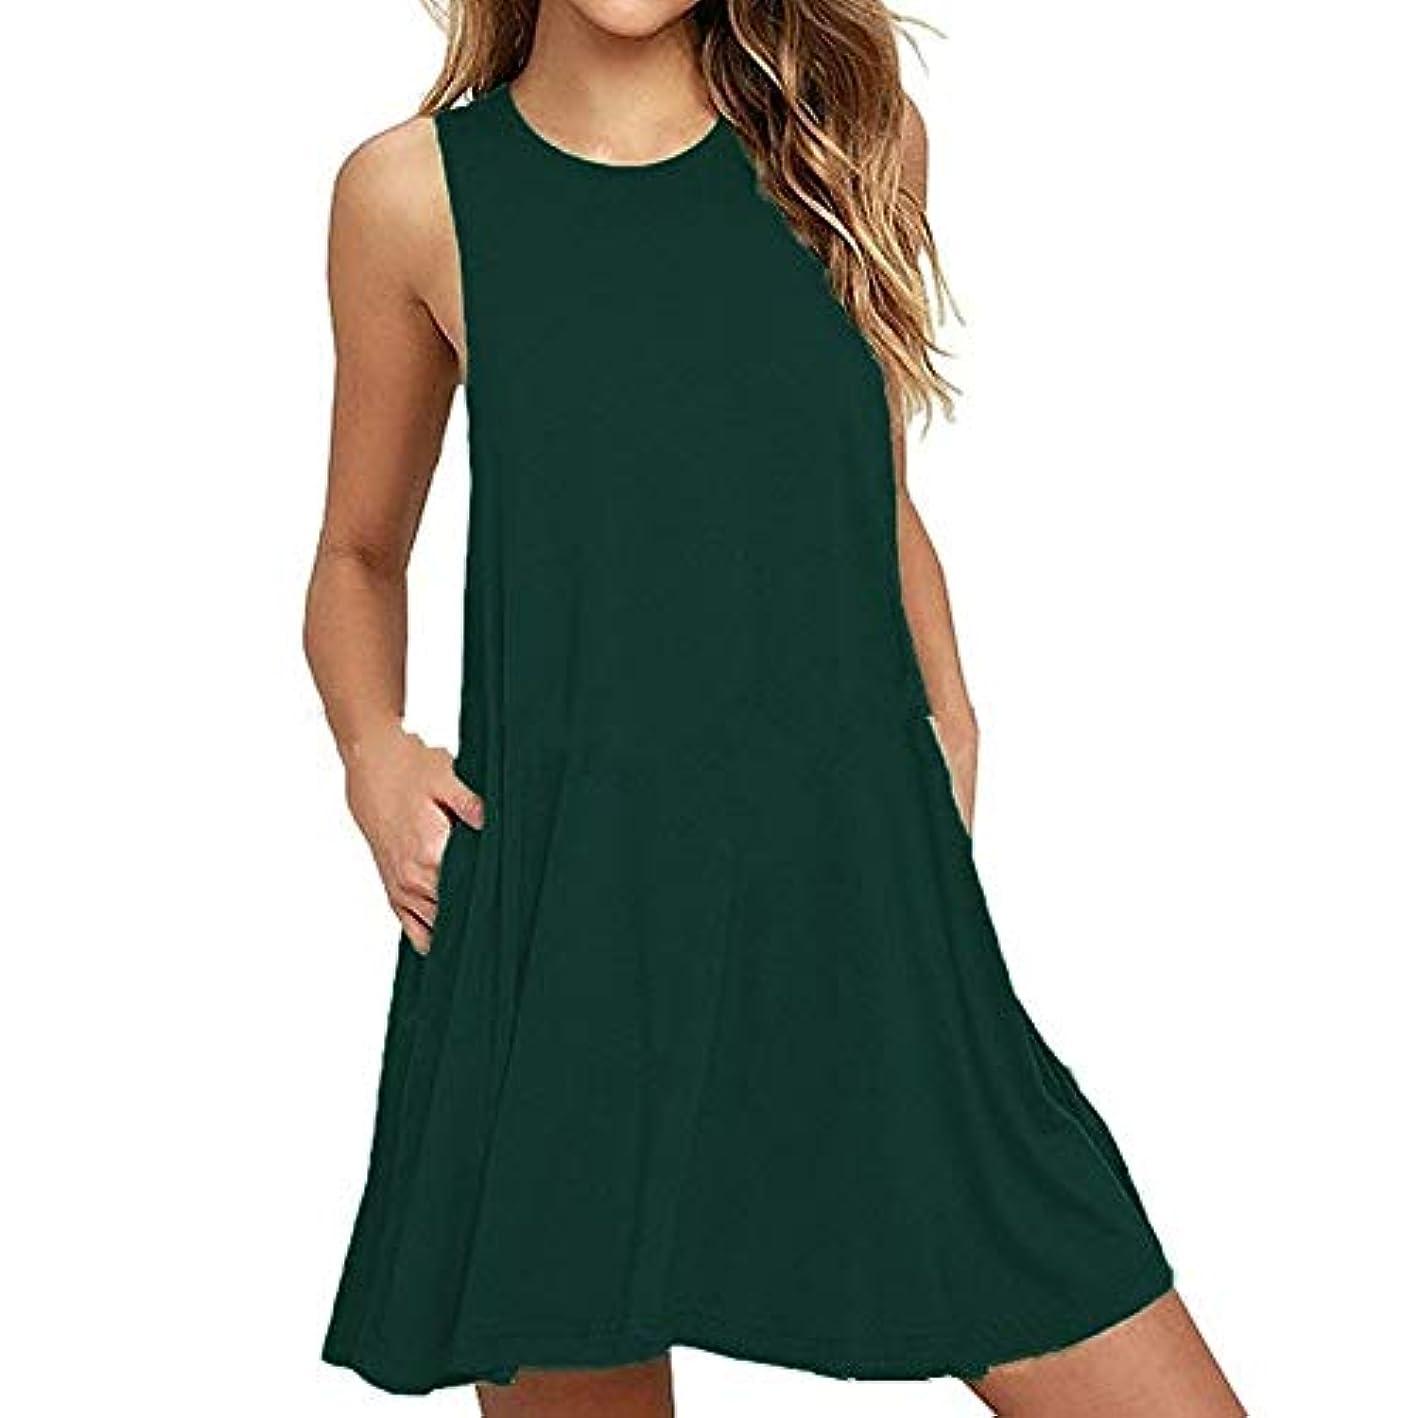 成長する熱エンコミウムMIFAN 人の女性のドレス、プラスサイズのドレス、ノースリーブのドレス、ミニドレス、ホルタードレス、コットンドレス